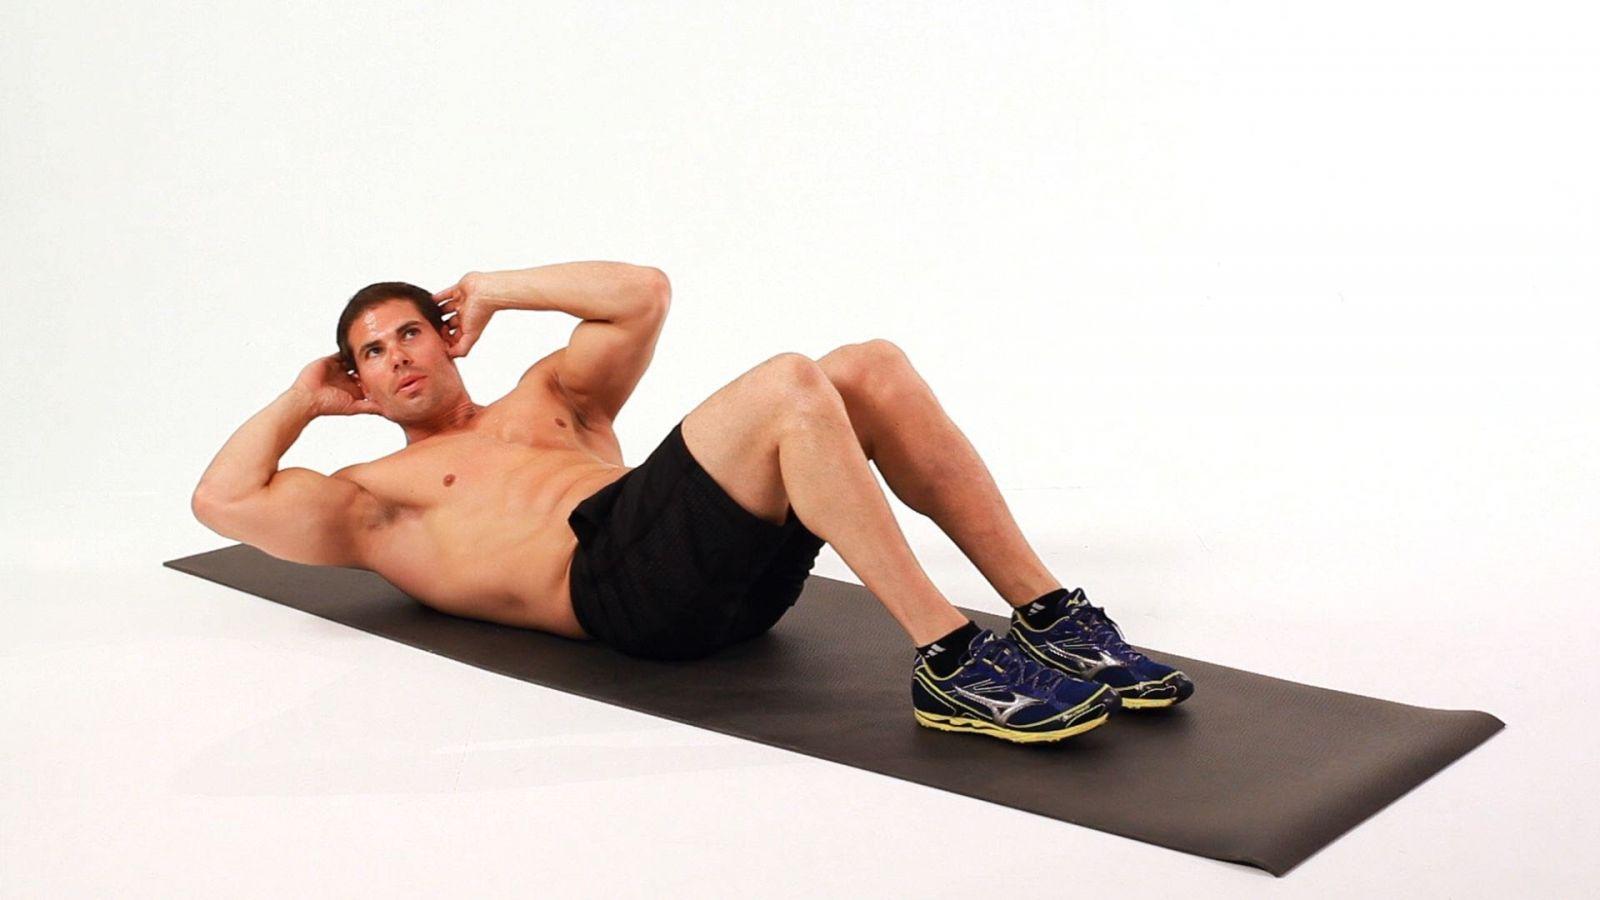 Tư vấn 5 bài tập chống đẩy giúp nam giới đẩy lùi mỡ thưa, săn chắc cơ bắp7